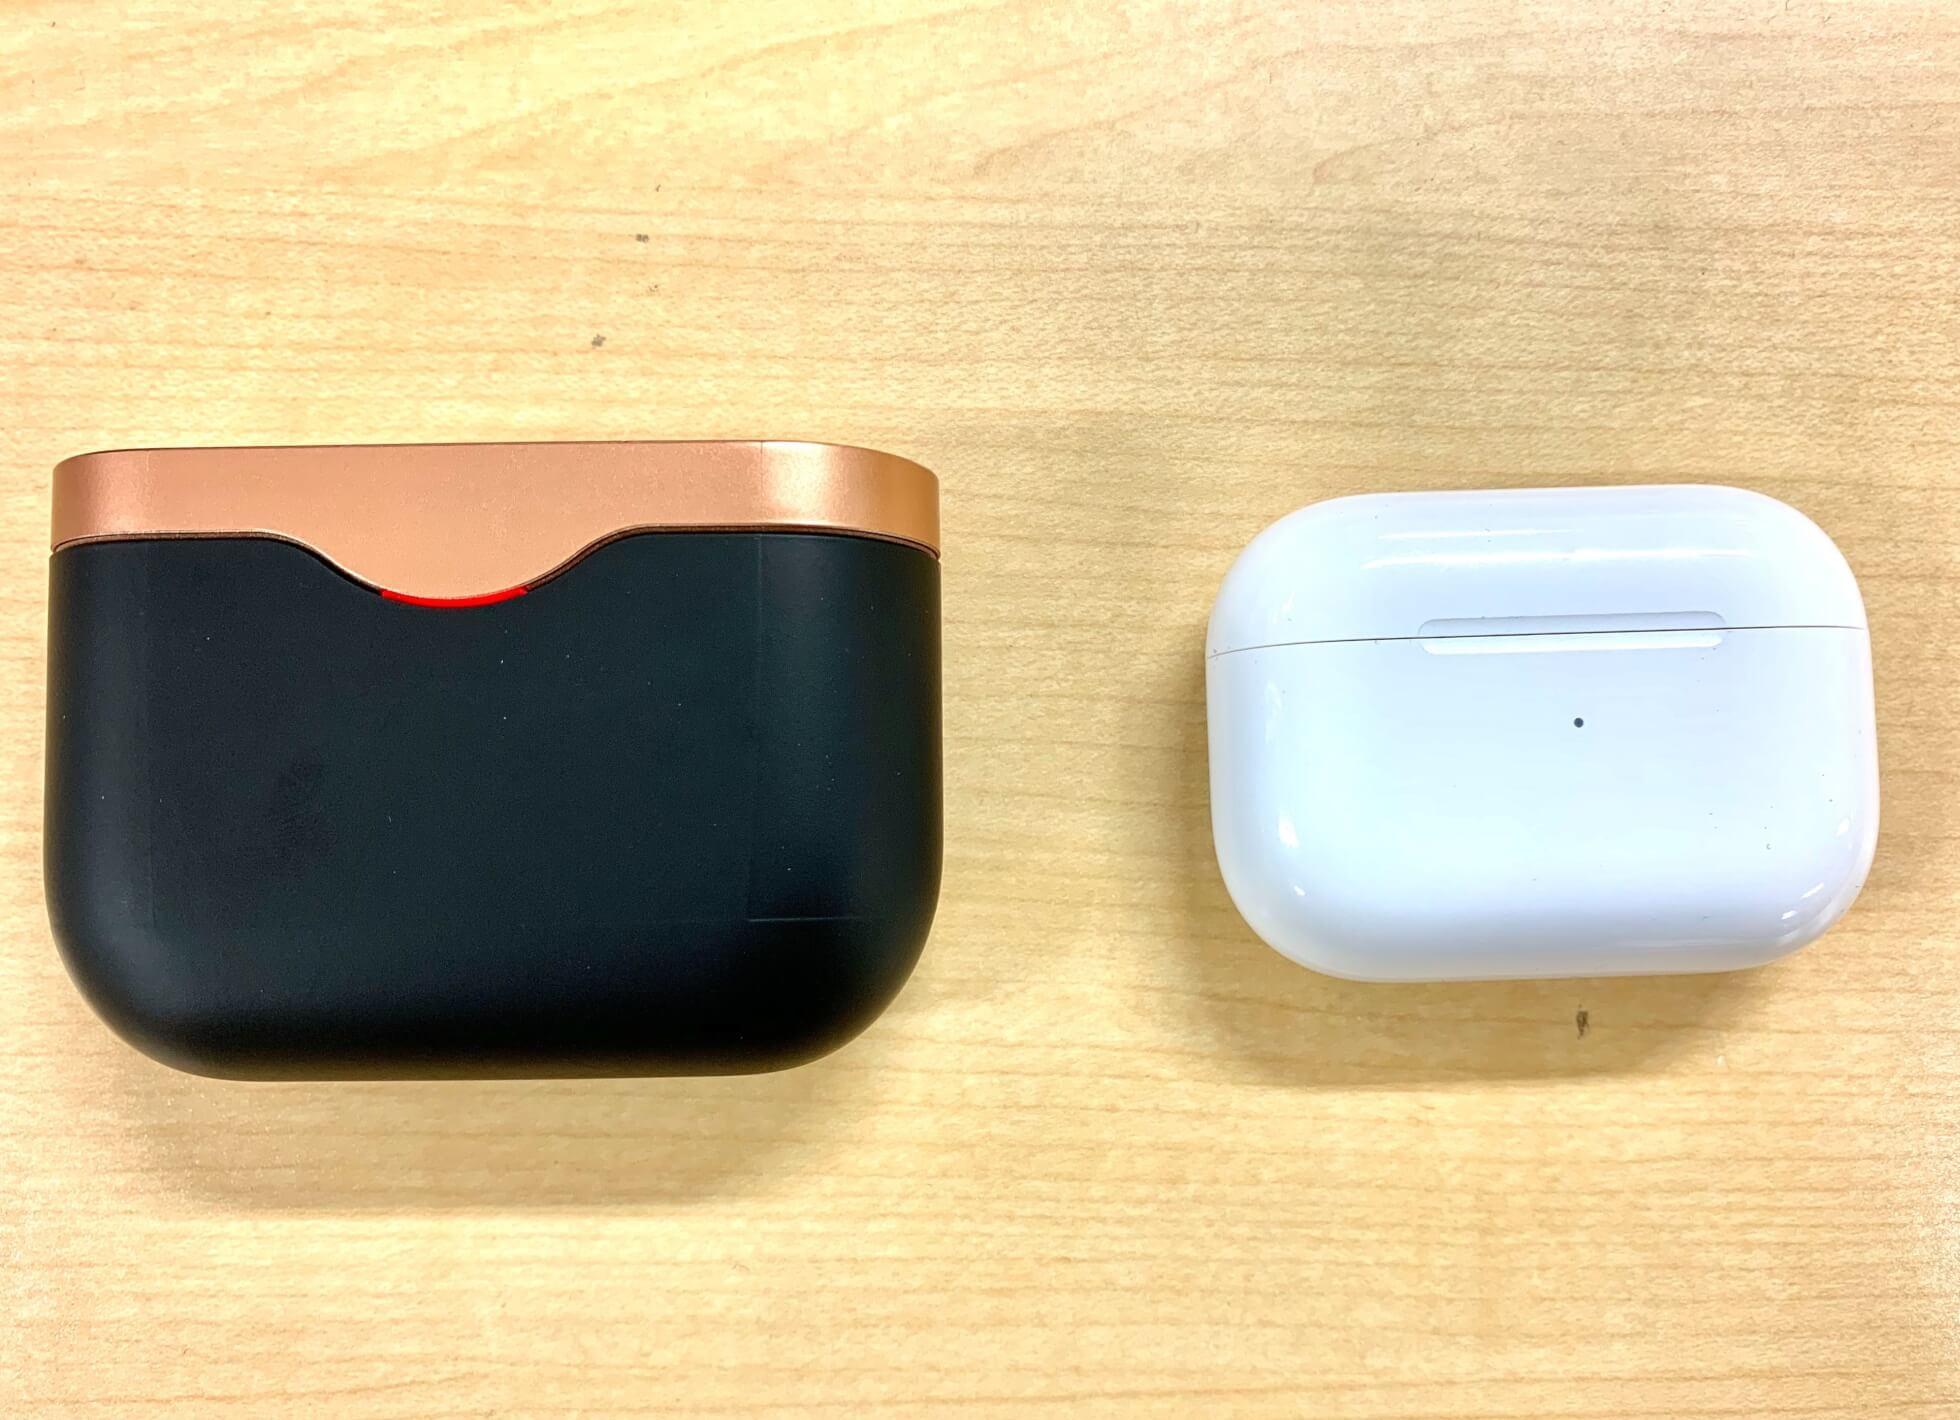 「AirPods Pro」と「SONY WF-1000XM3」を比較し各ノイズキャンセリングイヤホンのおすすめポイントを紹介